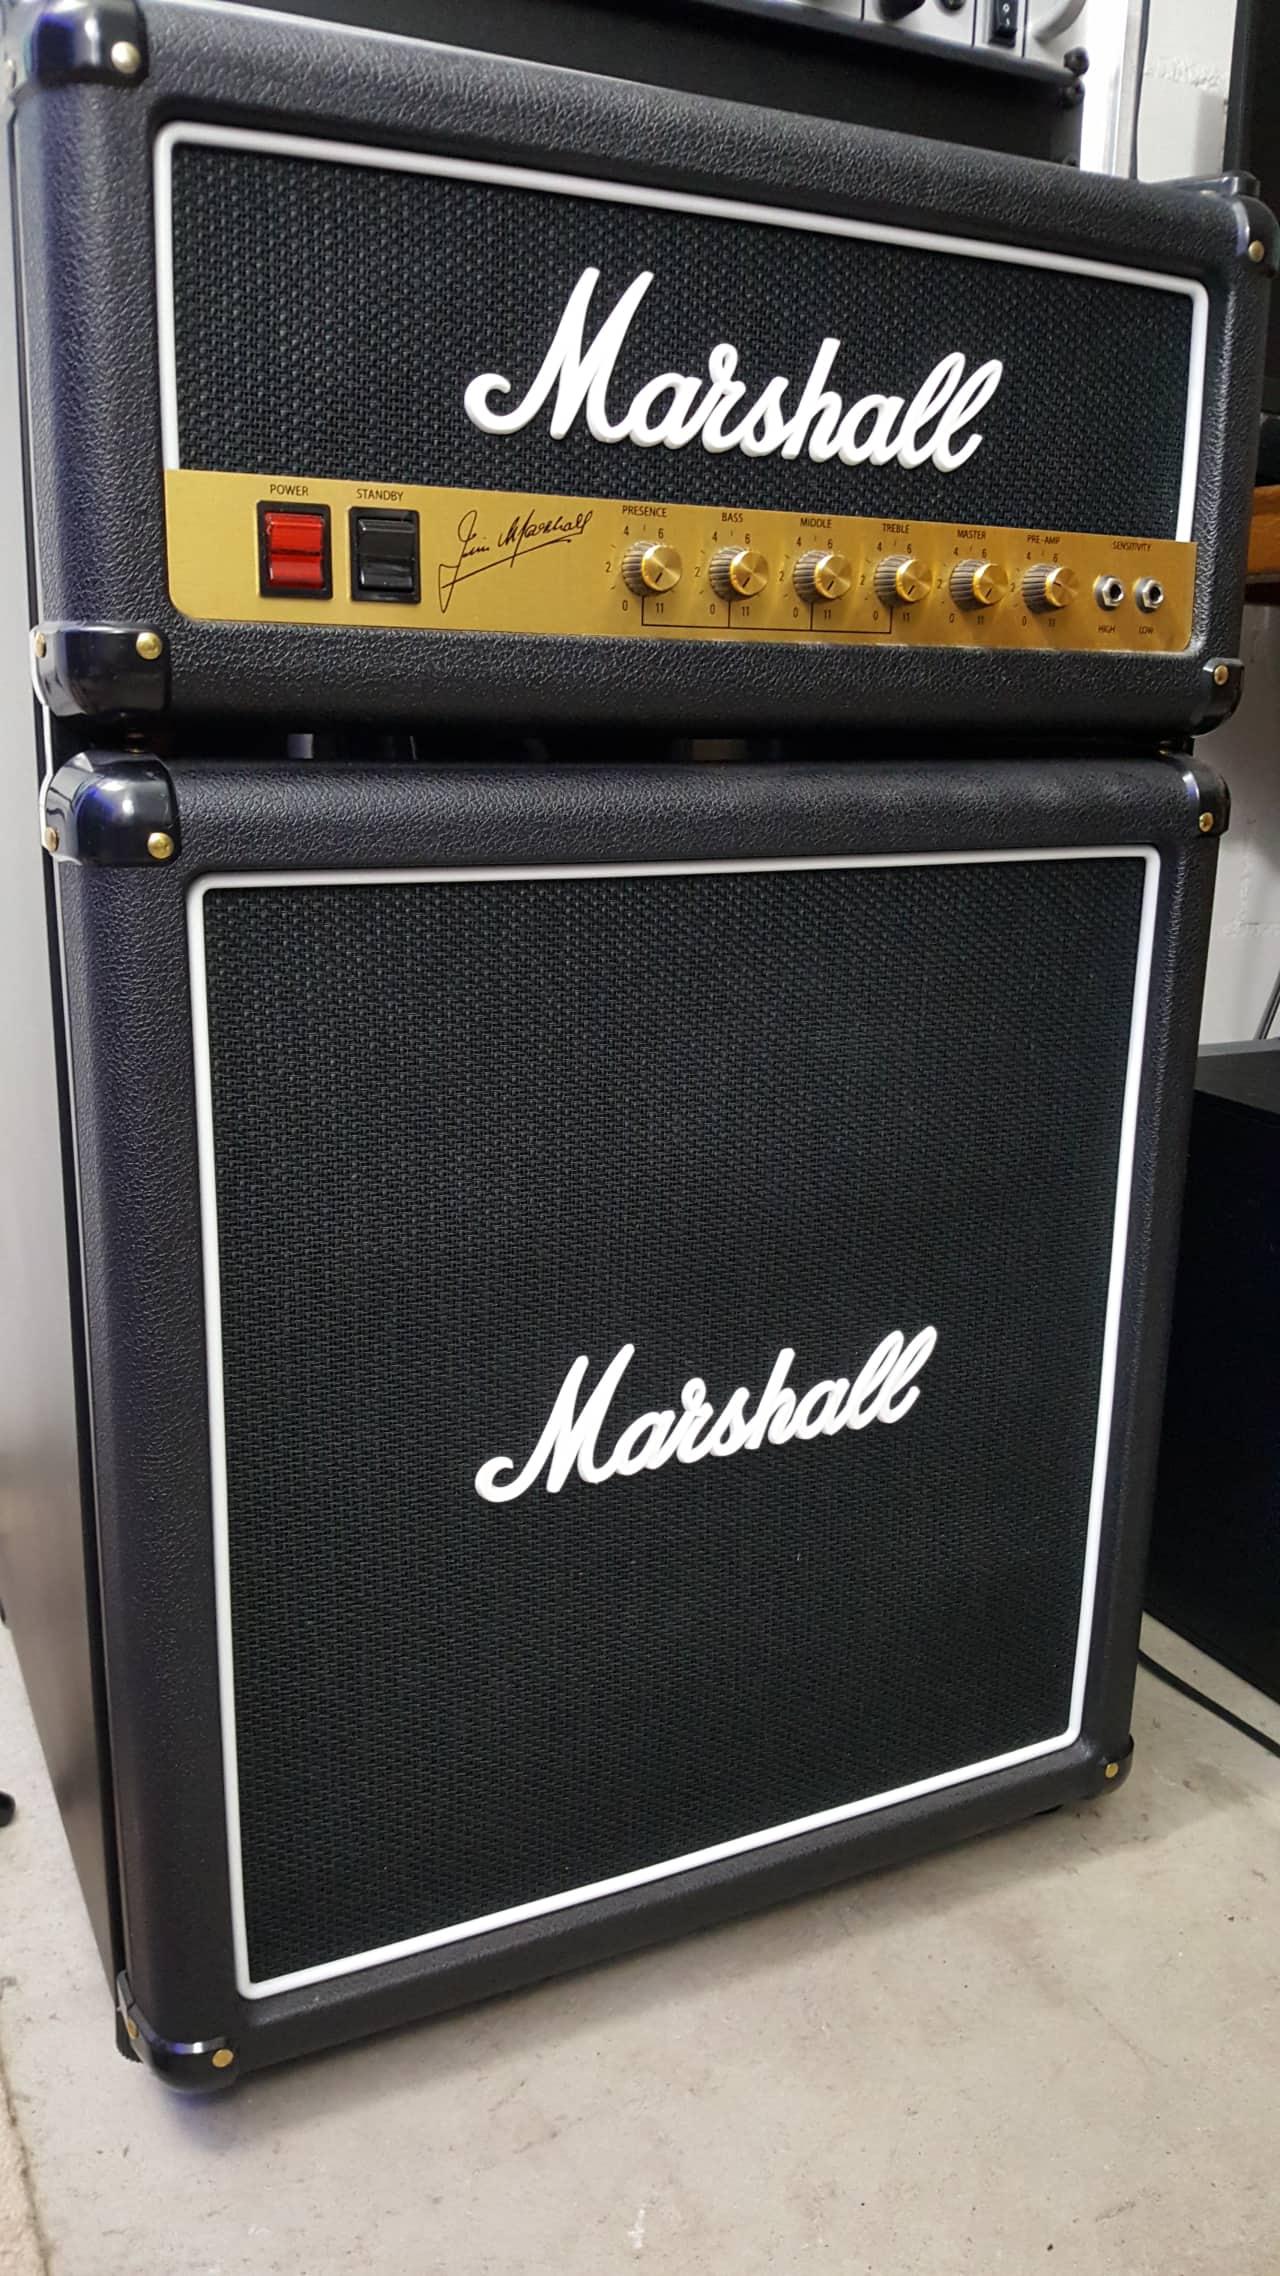 Marshall Fridge Modell 2014/2015 2014 Black | Musiker TV | Reverb